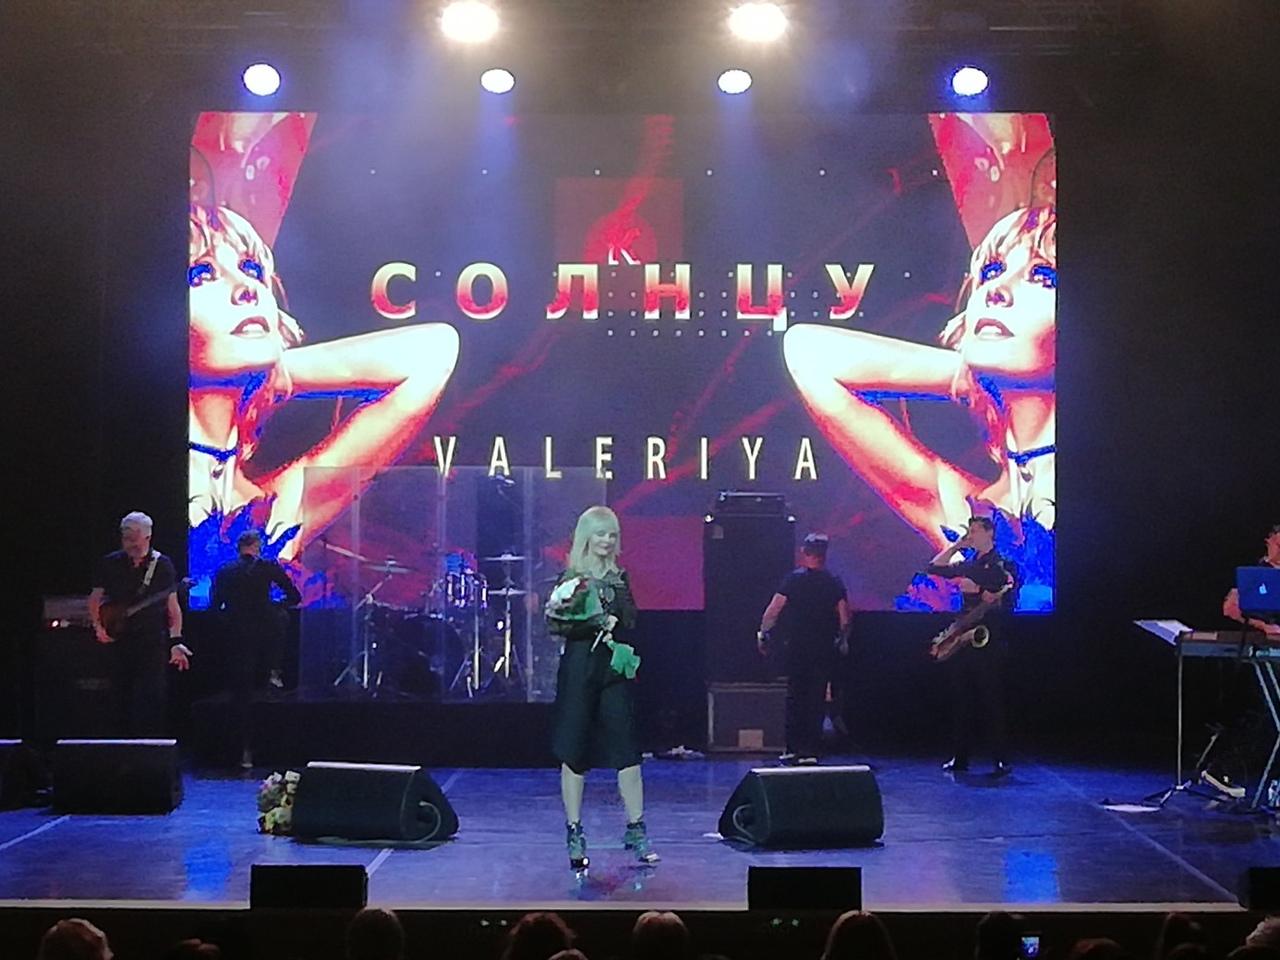 Валерия дала благотворительный концерт в Ярославле